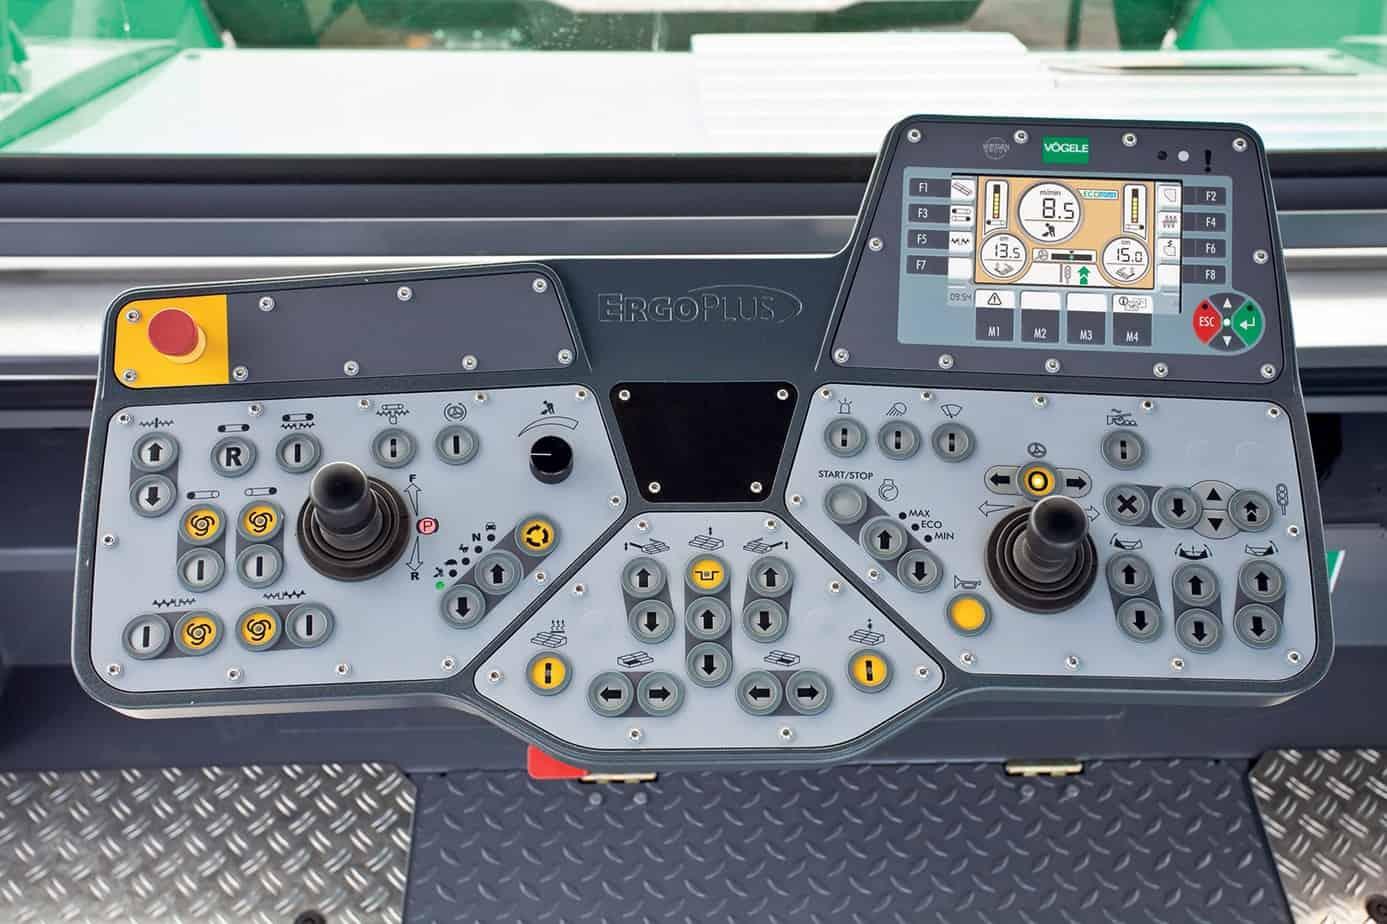 Basta premere un solo pulsante per far compiere alla macchina una piroetta sul posto